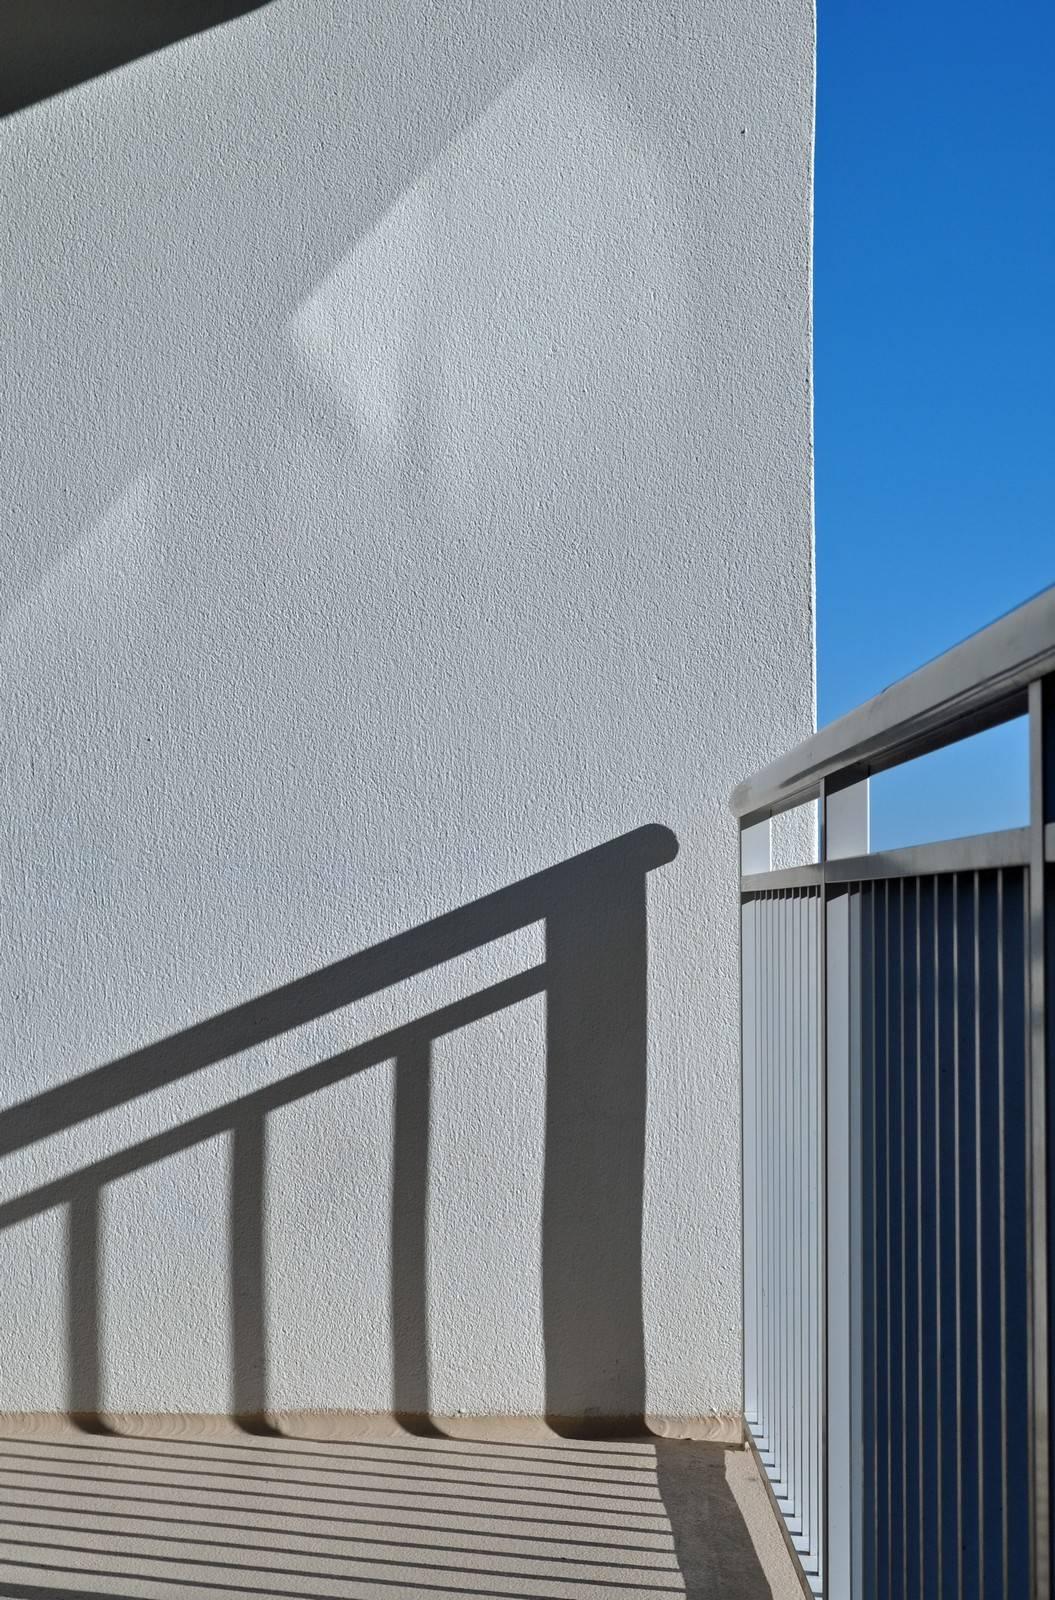 Perdido Key Balcony 1